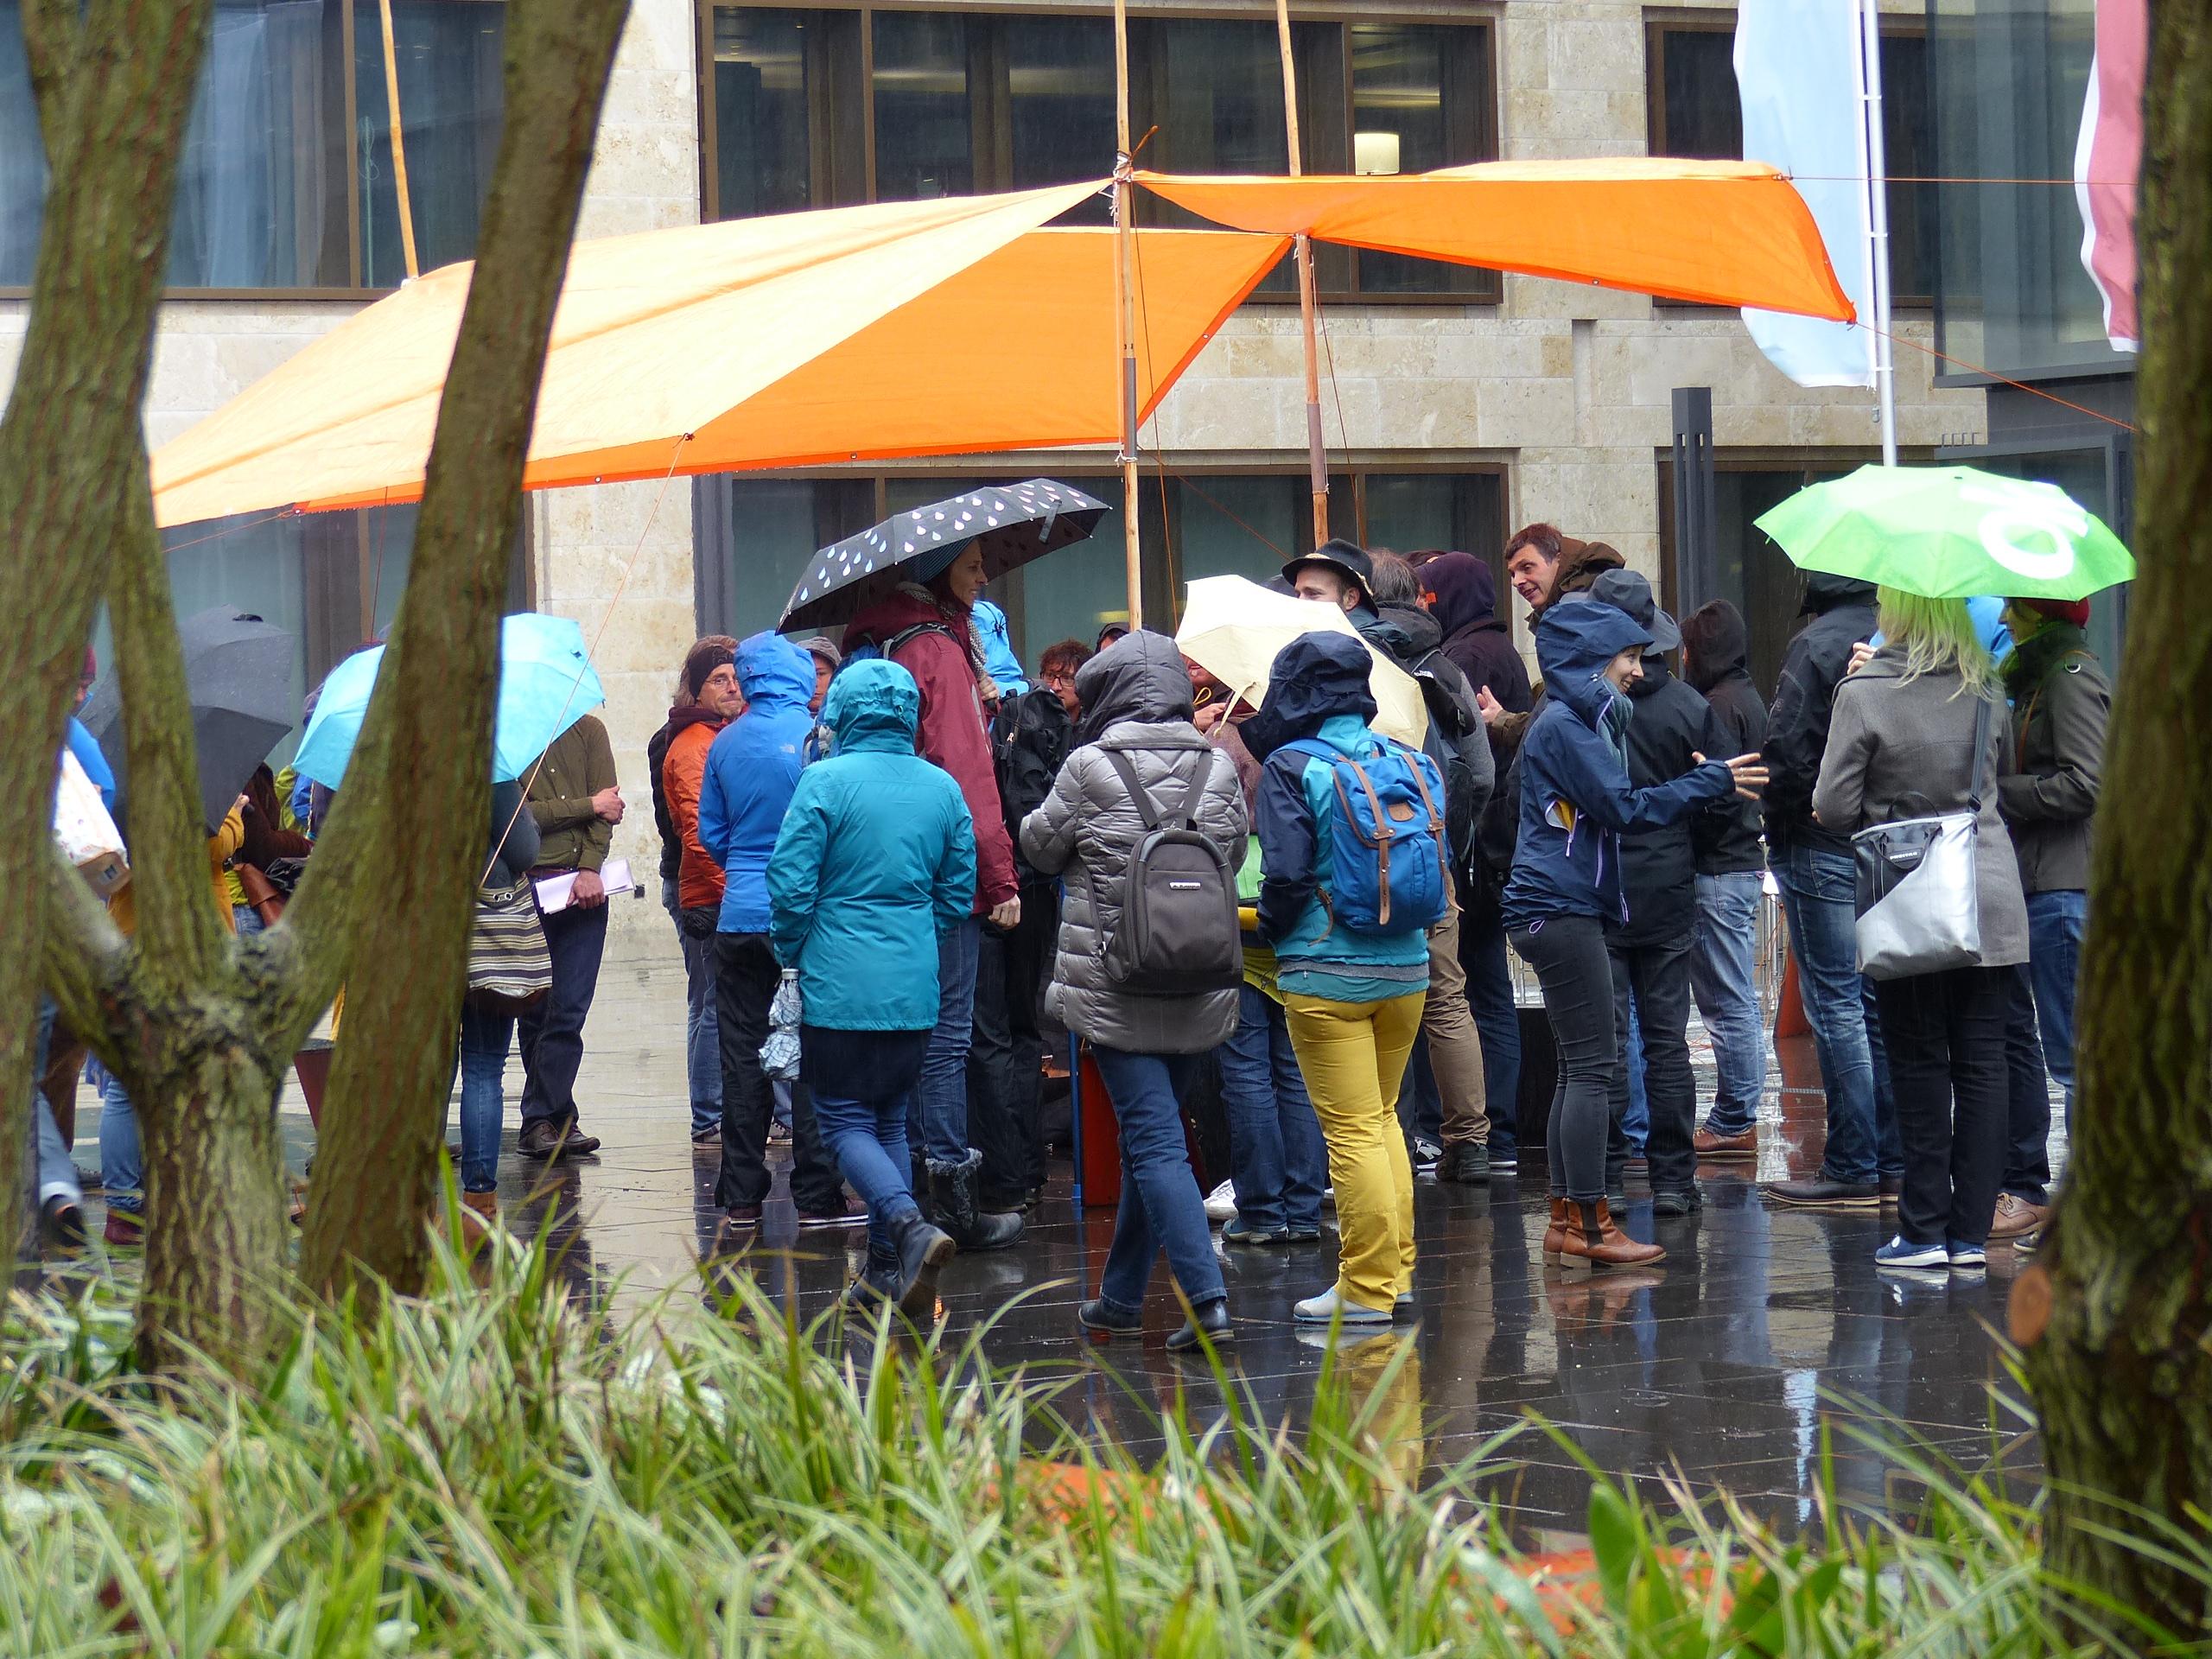 Mit wetterfester Überzeugung trafen sich die Teilnehmer zum 10-jährigen Jubiläum auf dem Campus der PH Zürich